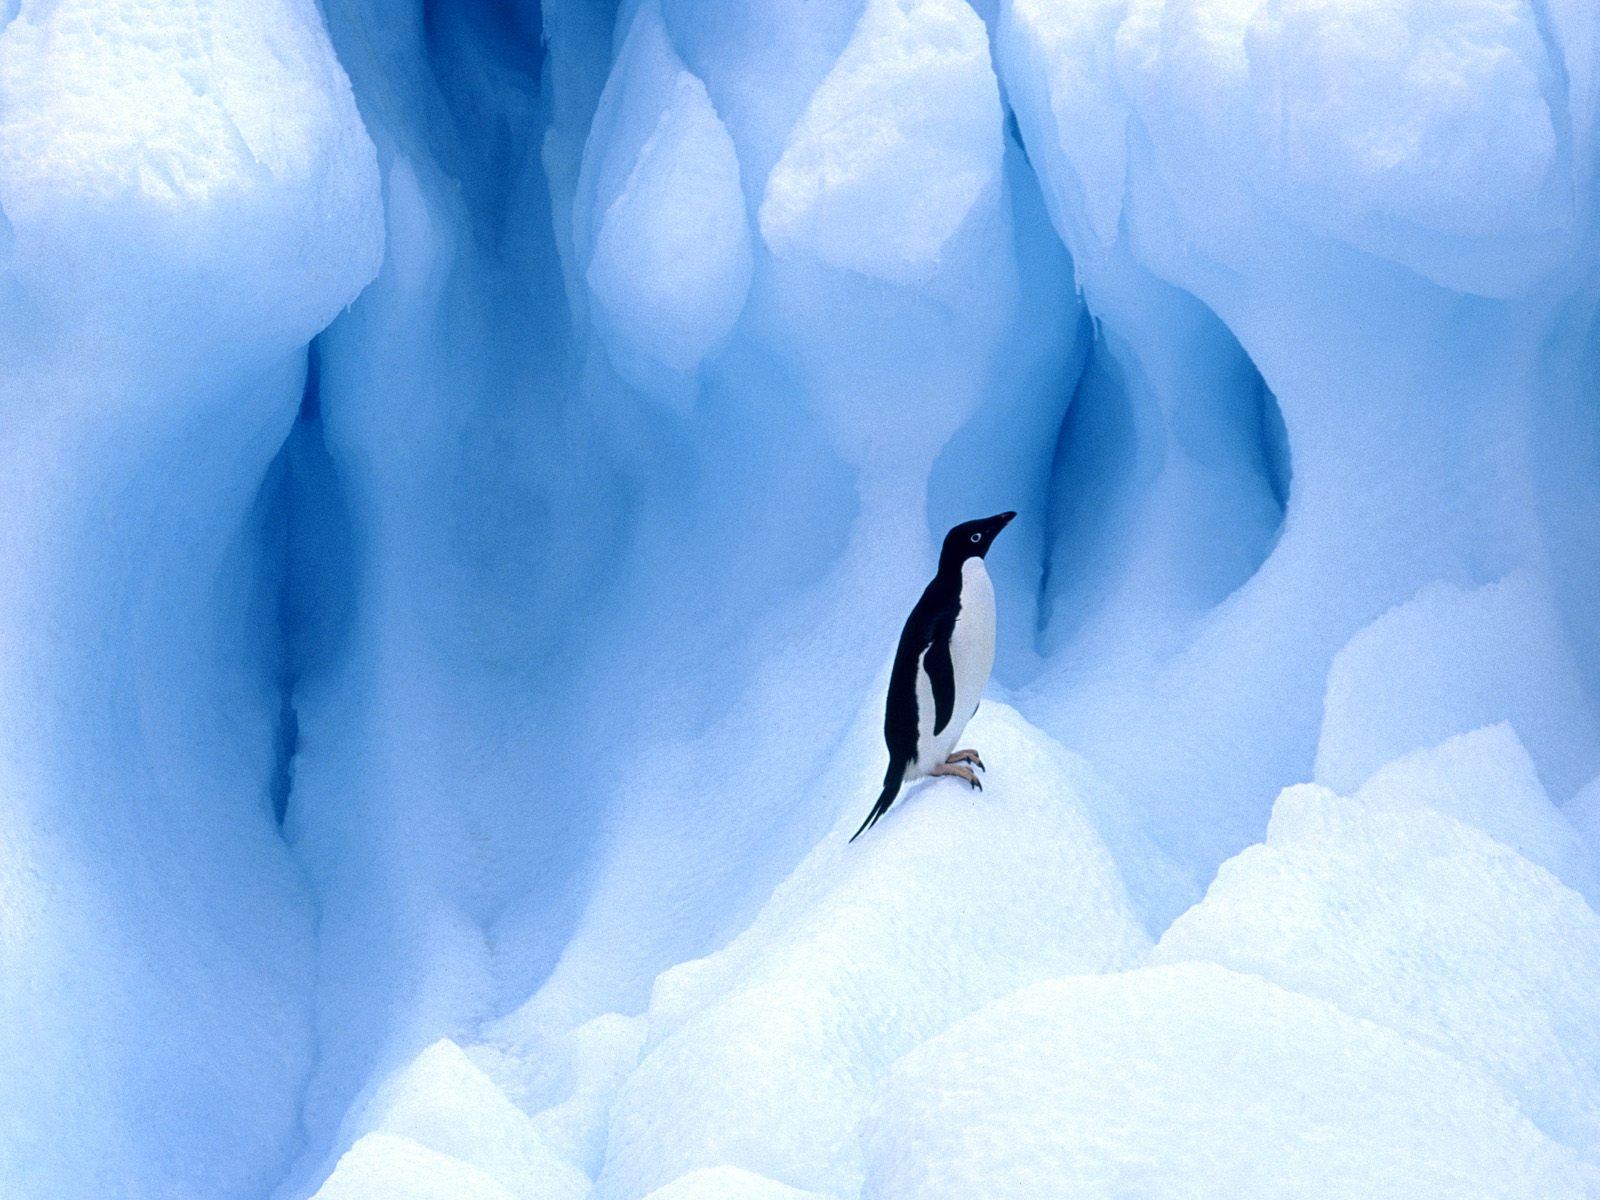 http://1.bp.blogspot.com/-eE8uvOd7EGg/T_5OT0d7EgI/AAAAAAAAGS8/TzS0aUkafmY/s1600/penguin+wallpaper+hd-1.jpg